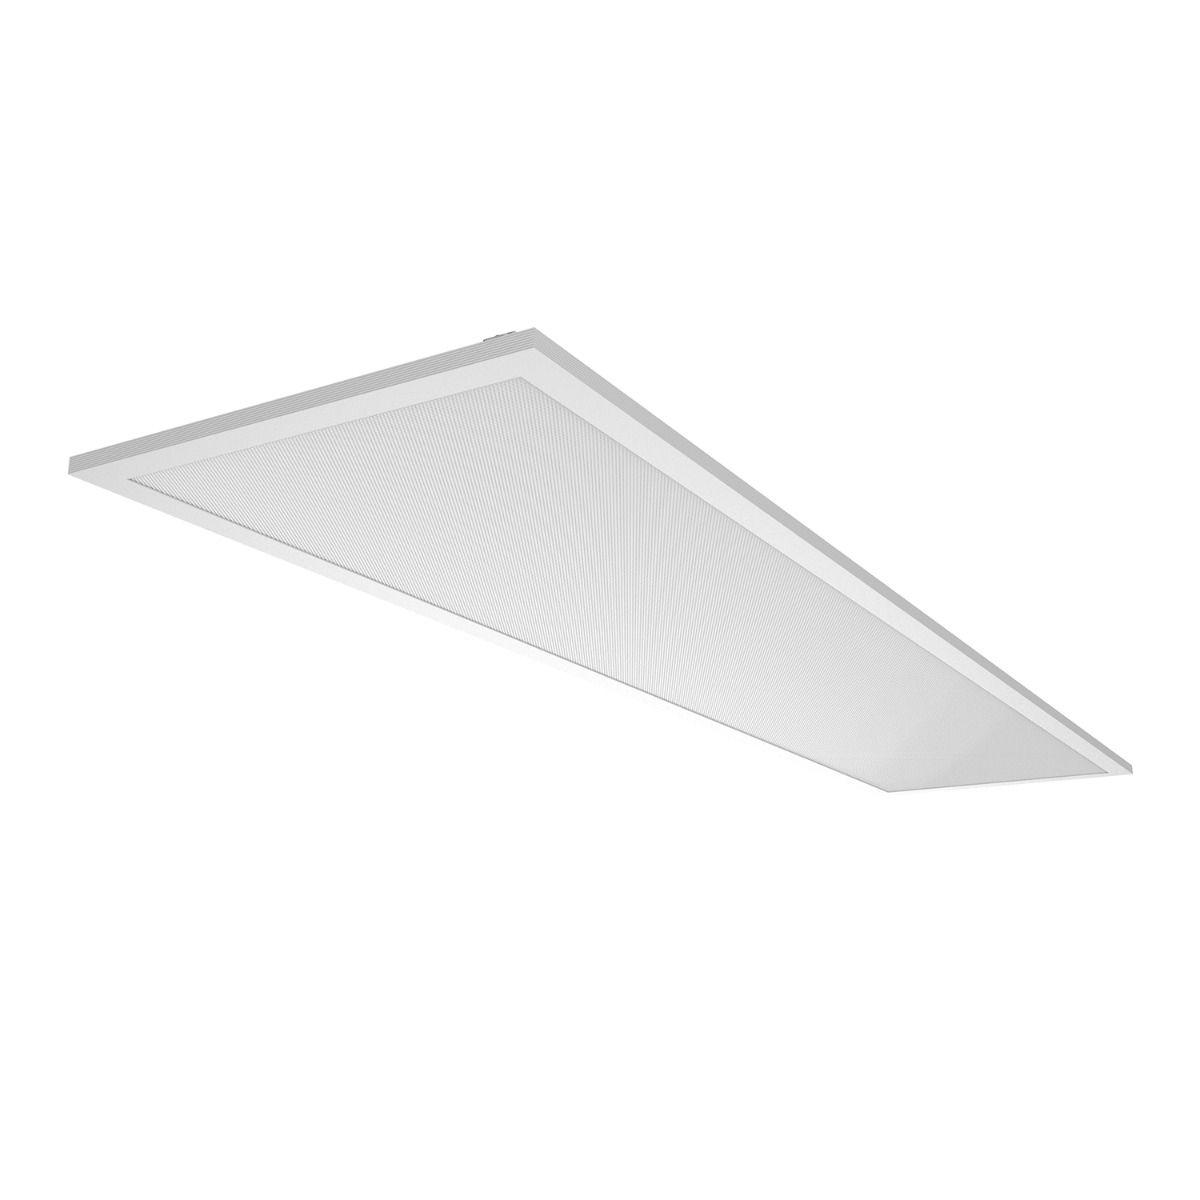 Noxion LED panel Delta Pro V3 Highlum 36W 4000K 5500lm 30x120cm UGR <19 | kald hvit - erstatter 2x36\W